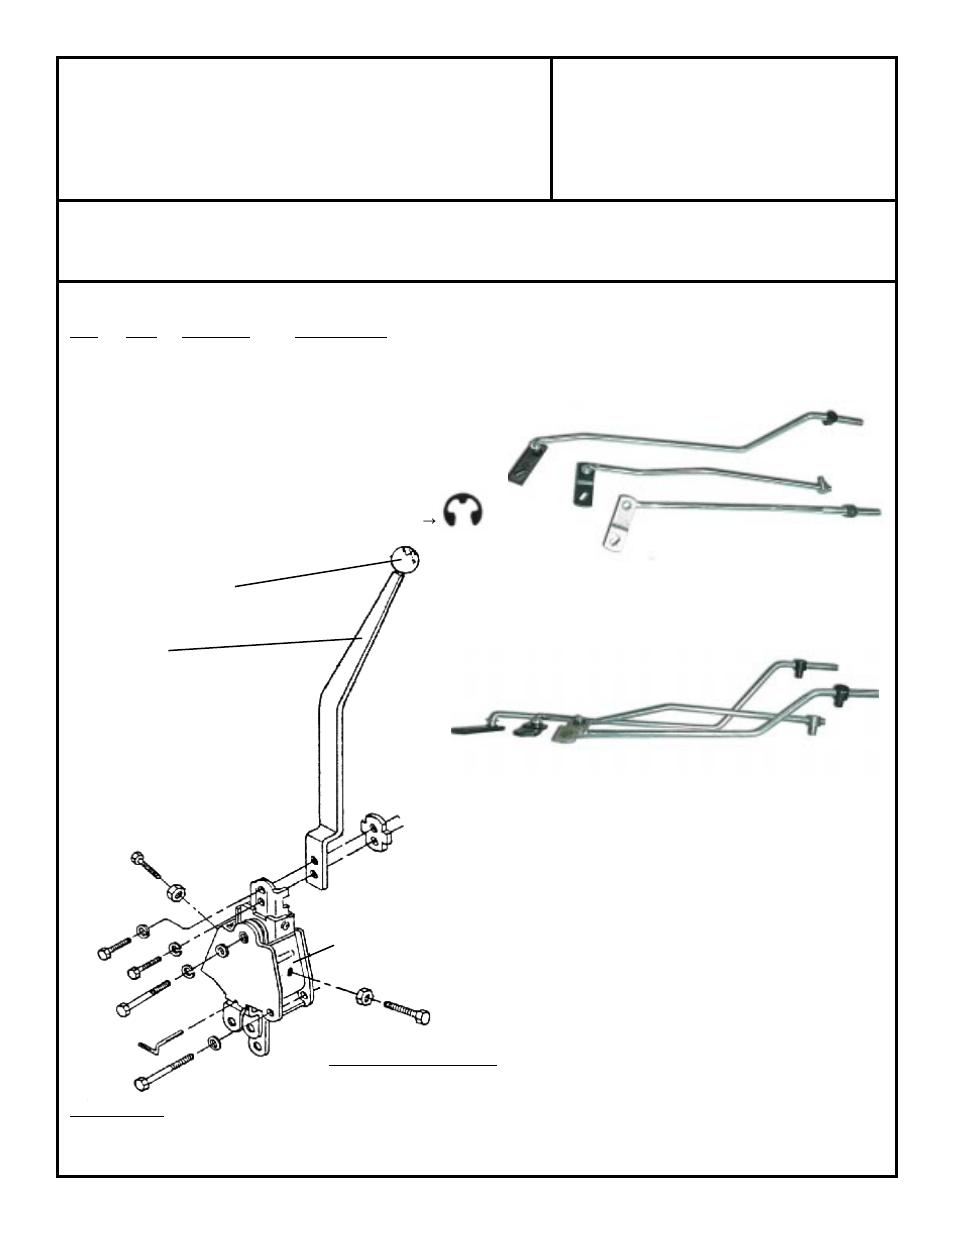 medium resolution of hurst shifter part diagram